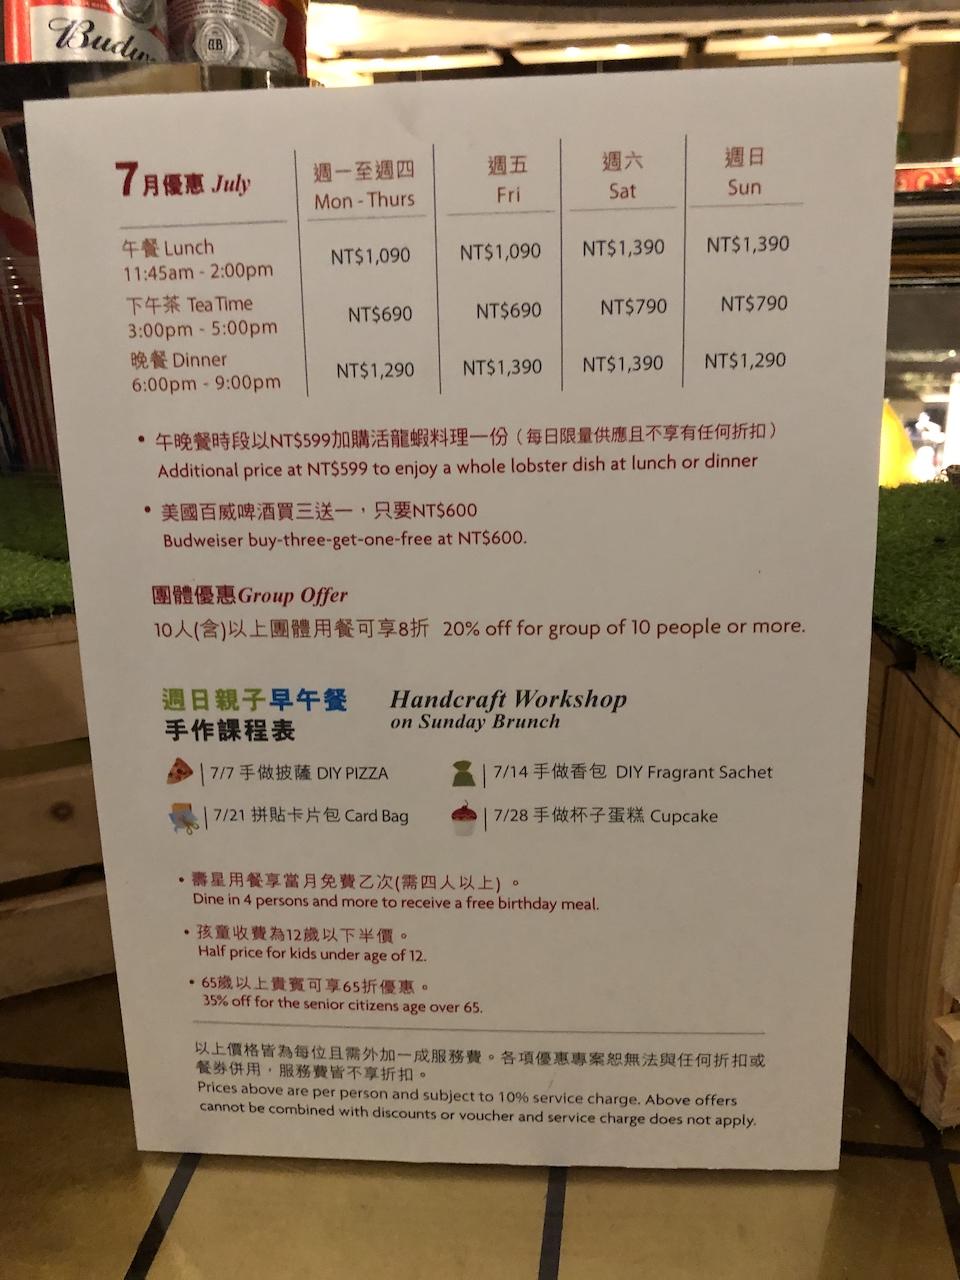 シャングリ・ラホテル台北のレストランでディナービュッフェを堪能!